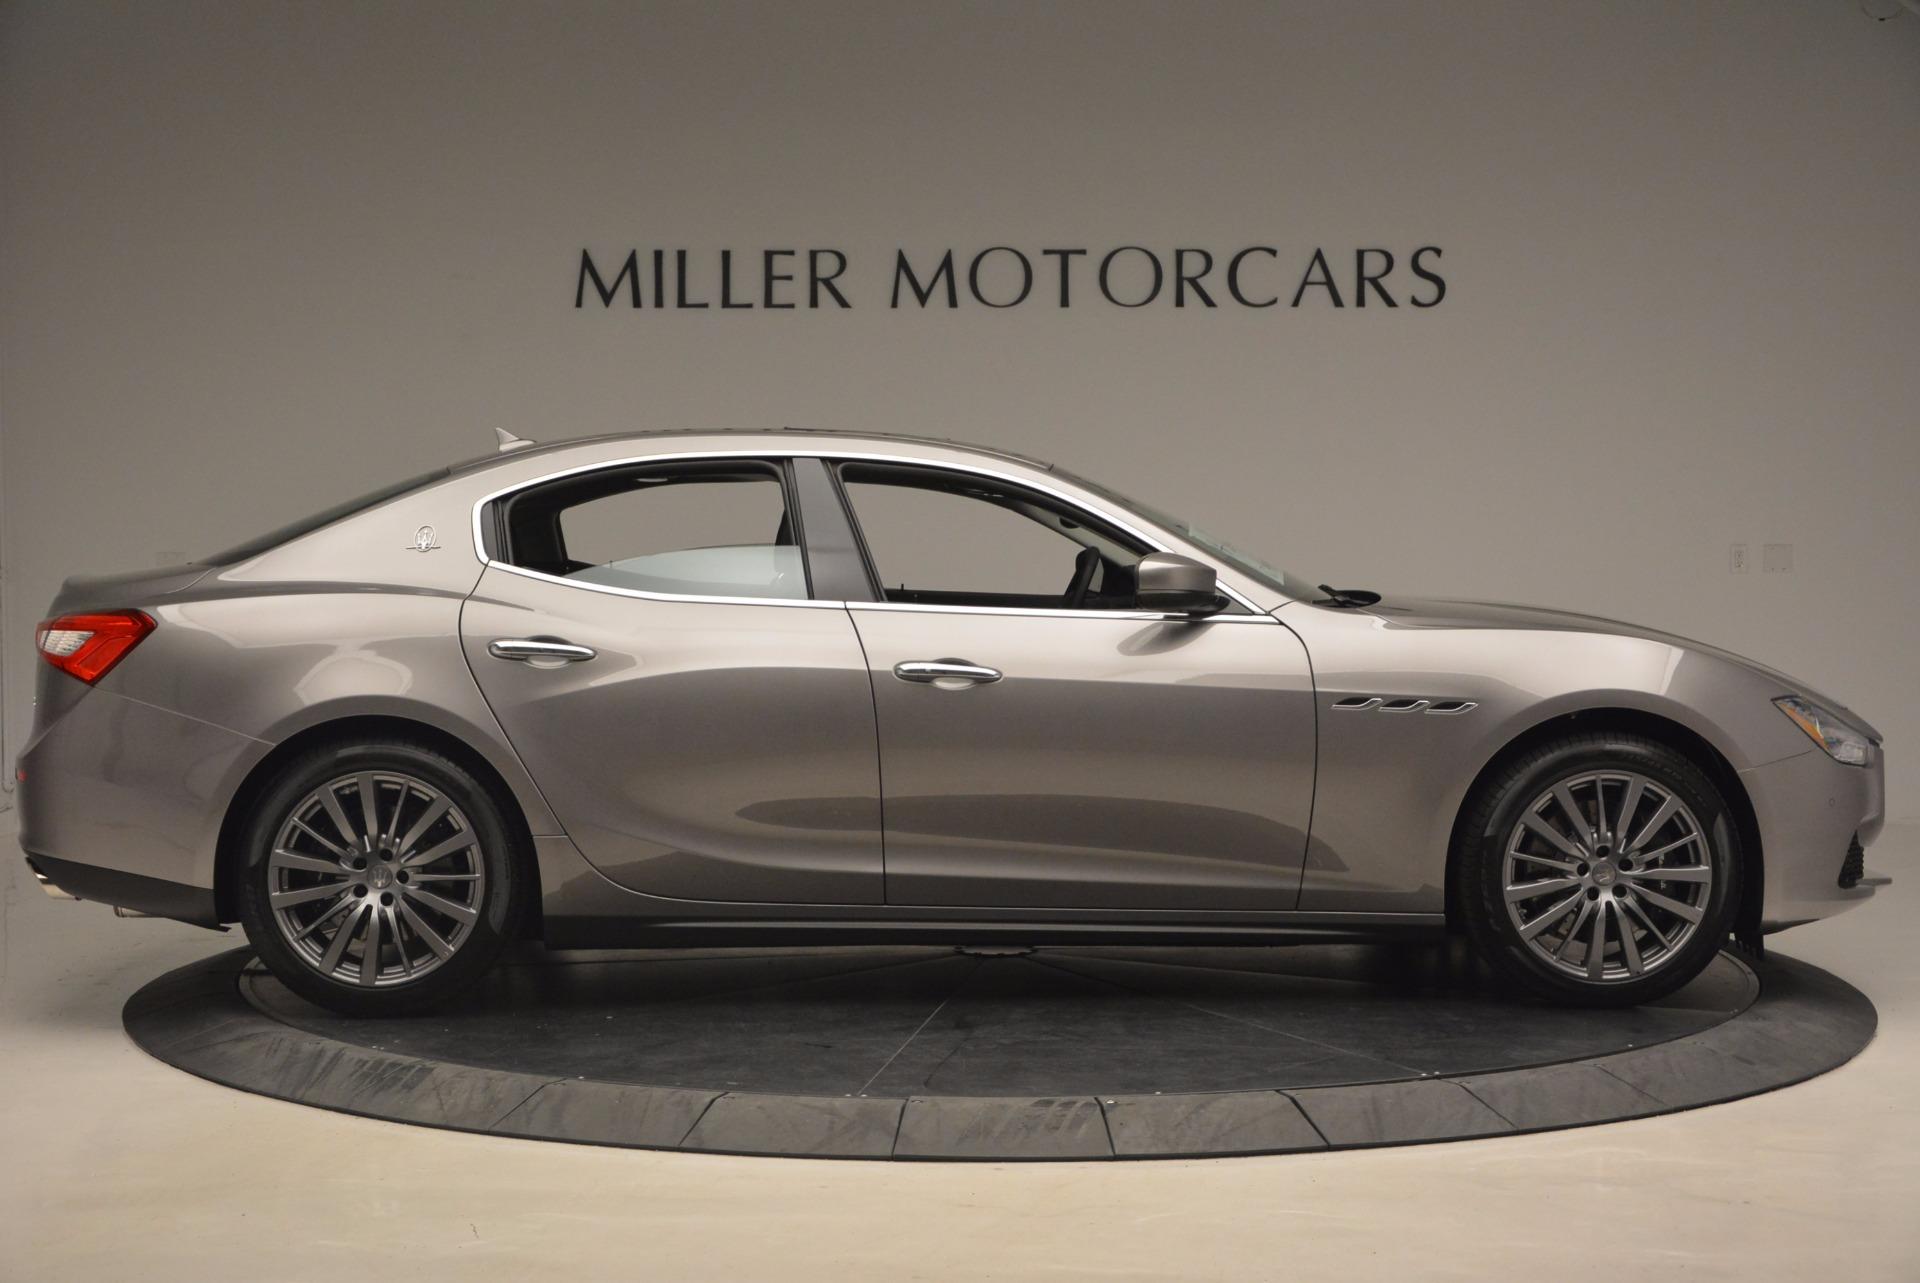 New 2017 Maserati Ghibli SQ4 For Sale In Greenwich, CT 1109_p9